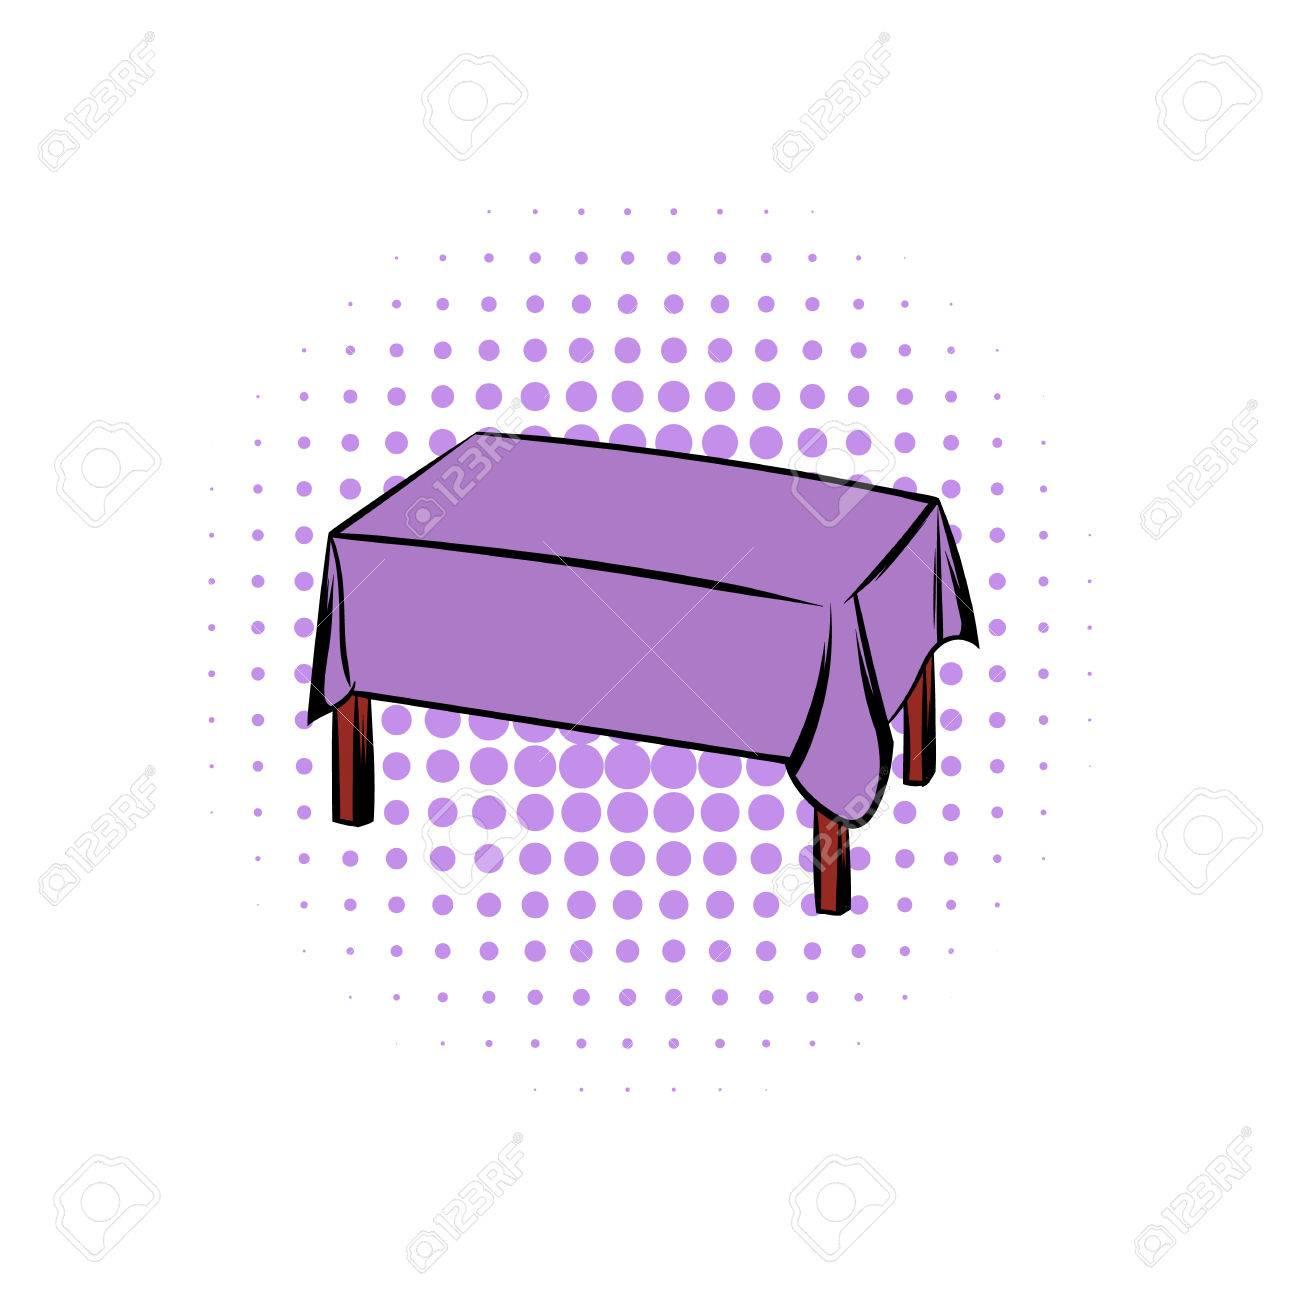 Tisch mit einer Tischdecke Comics Symbol auf einem weißen Hintergrund